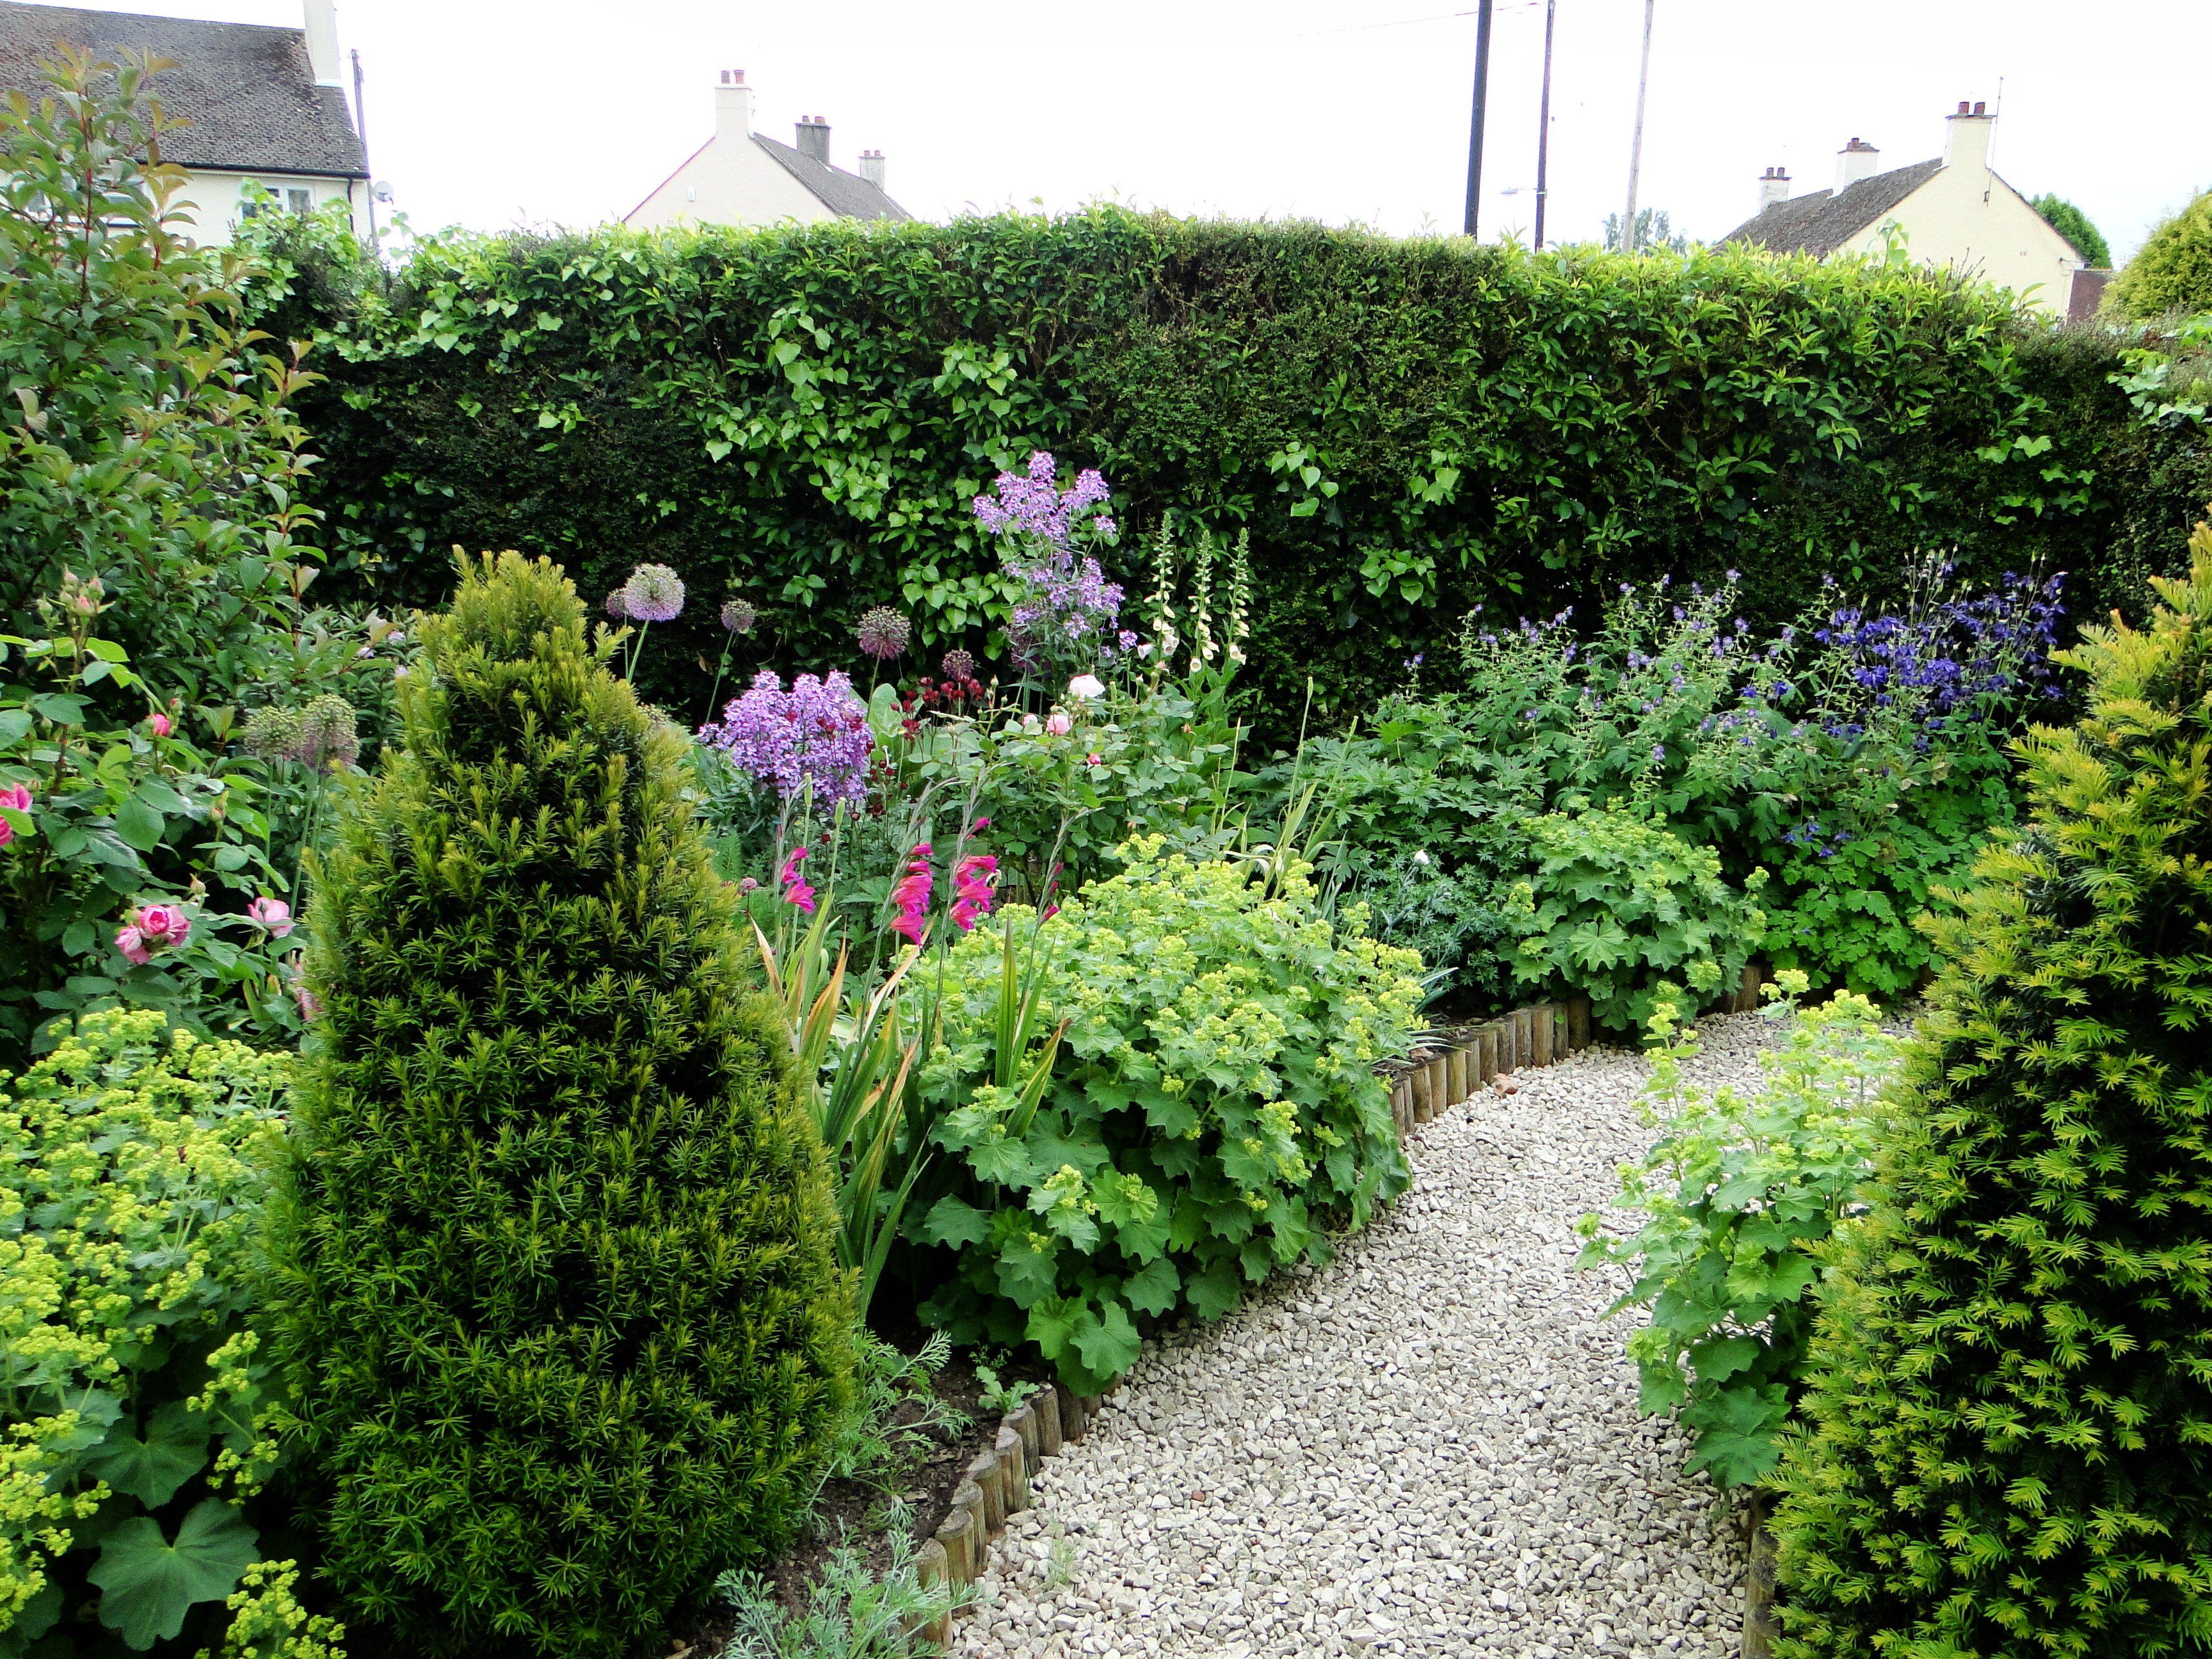 My Garden School Online Gardening Courses Garden Design Gardening Courses Front Garden